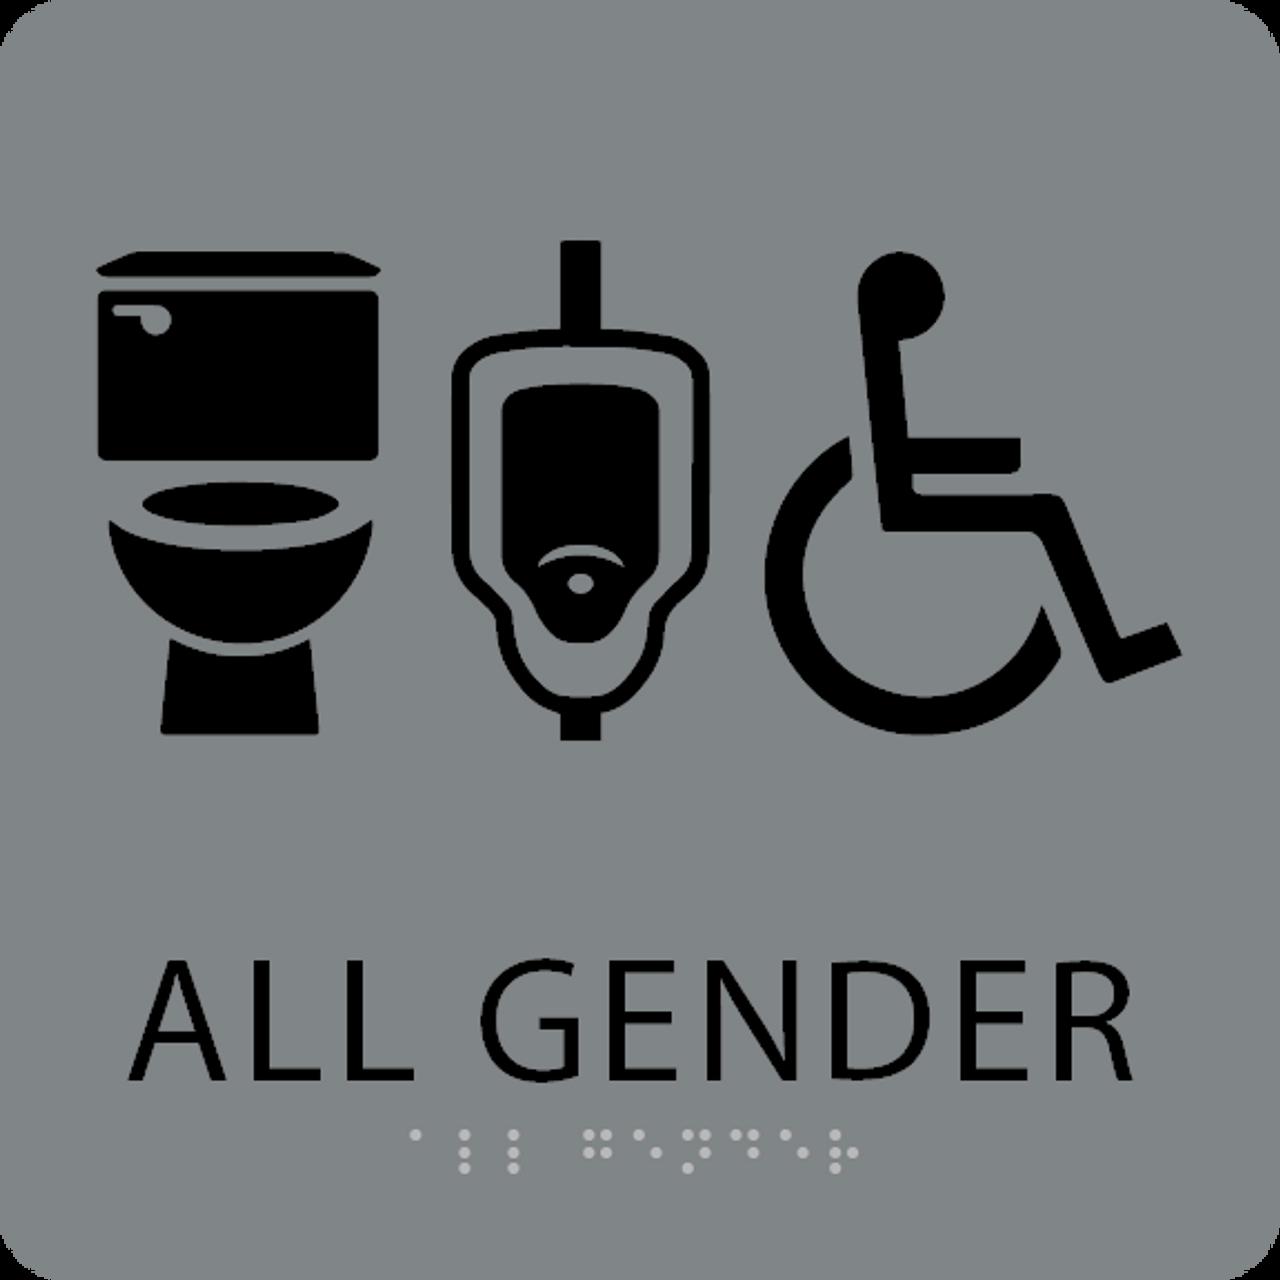 Grey Black All Gender Neutral Restroom Sign